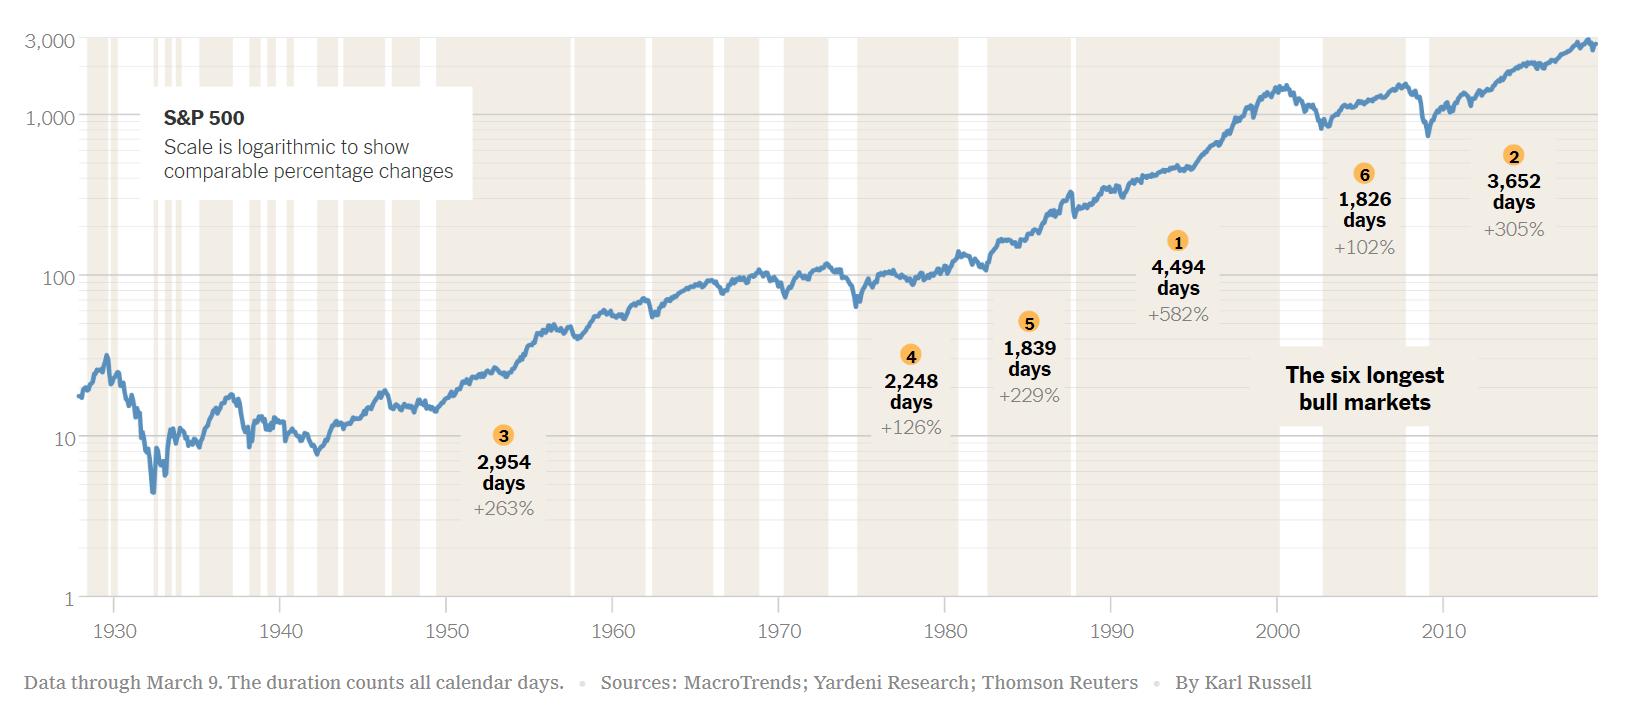 Bull Market Runs